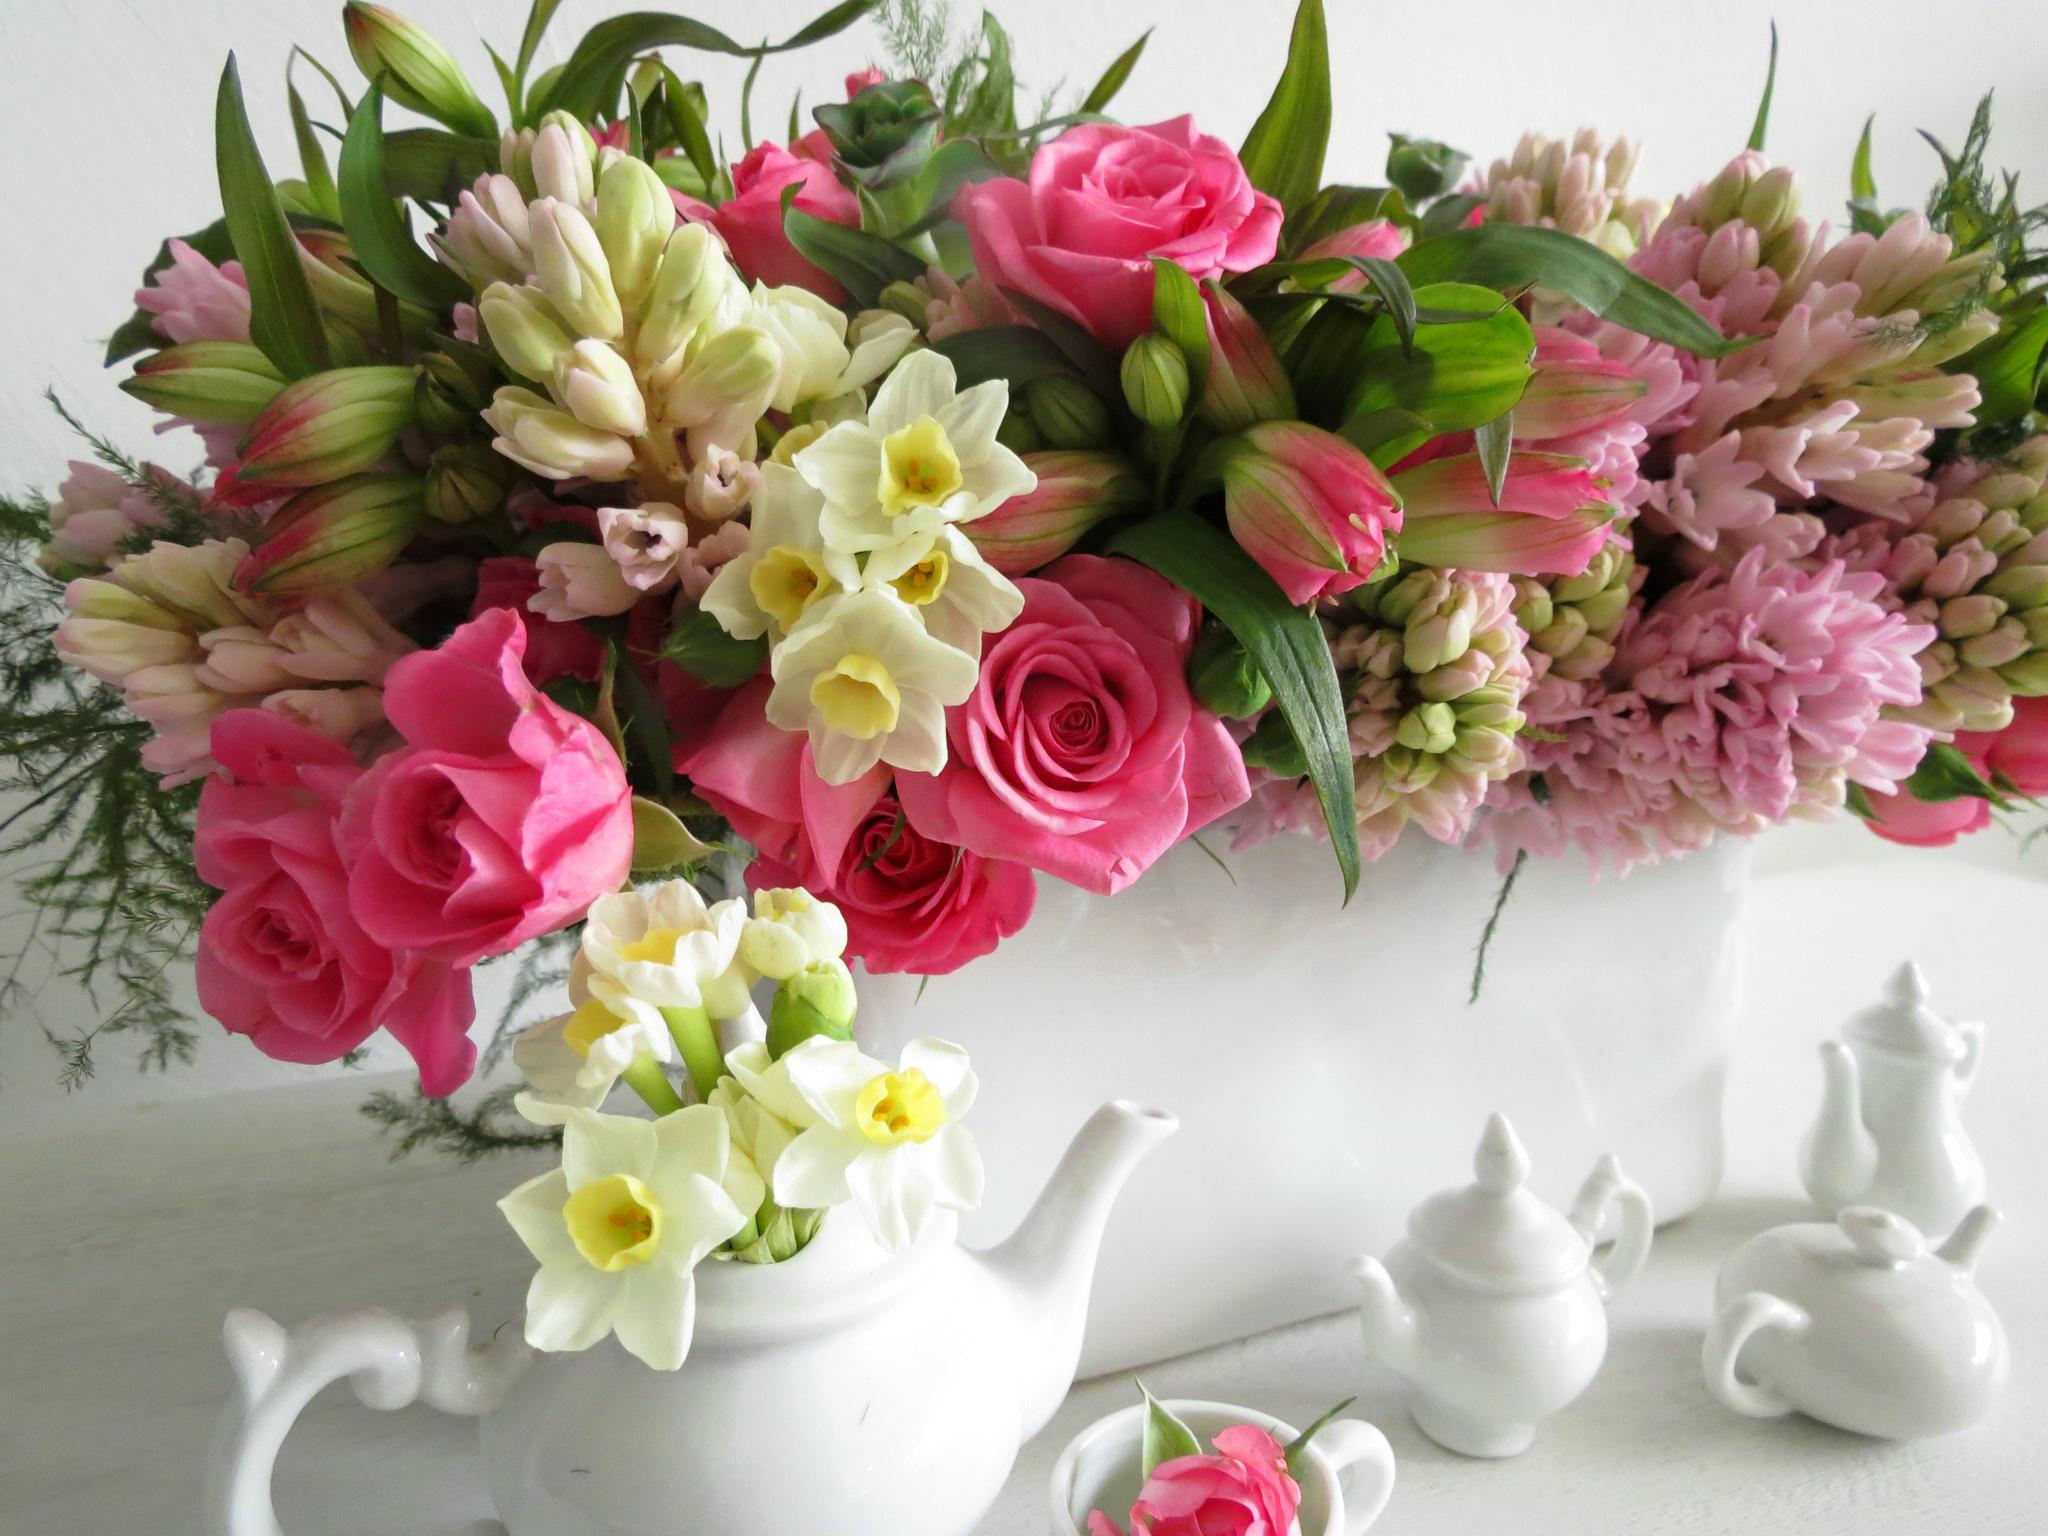 Поздравительные открытки с цветами - красивые букеты в доме солнца